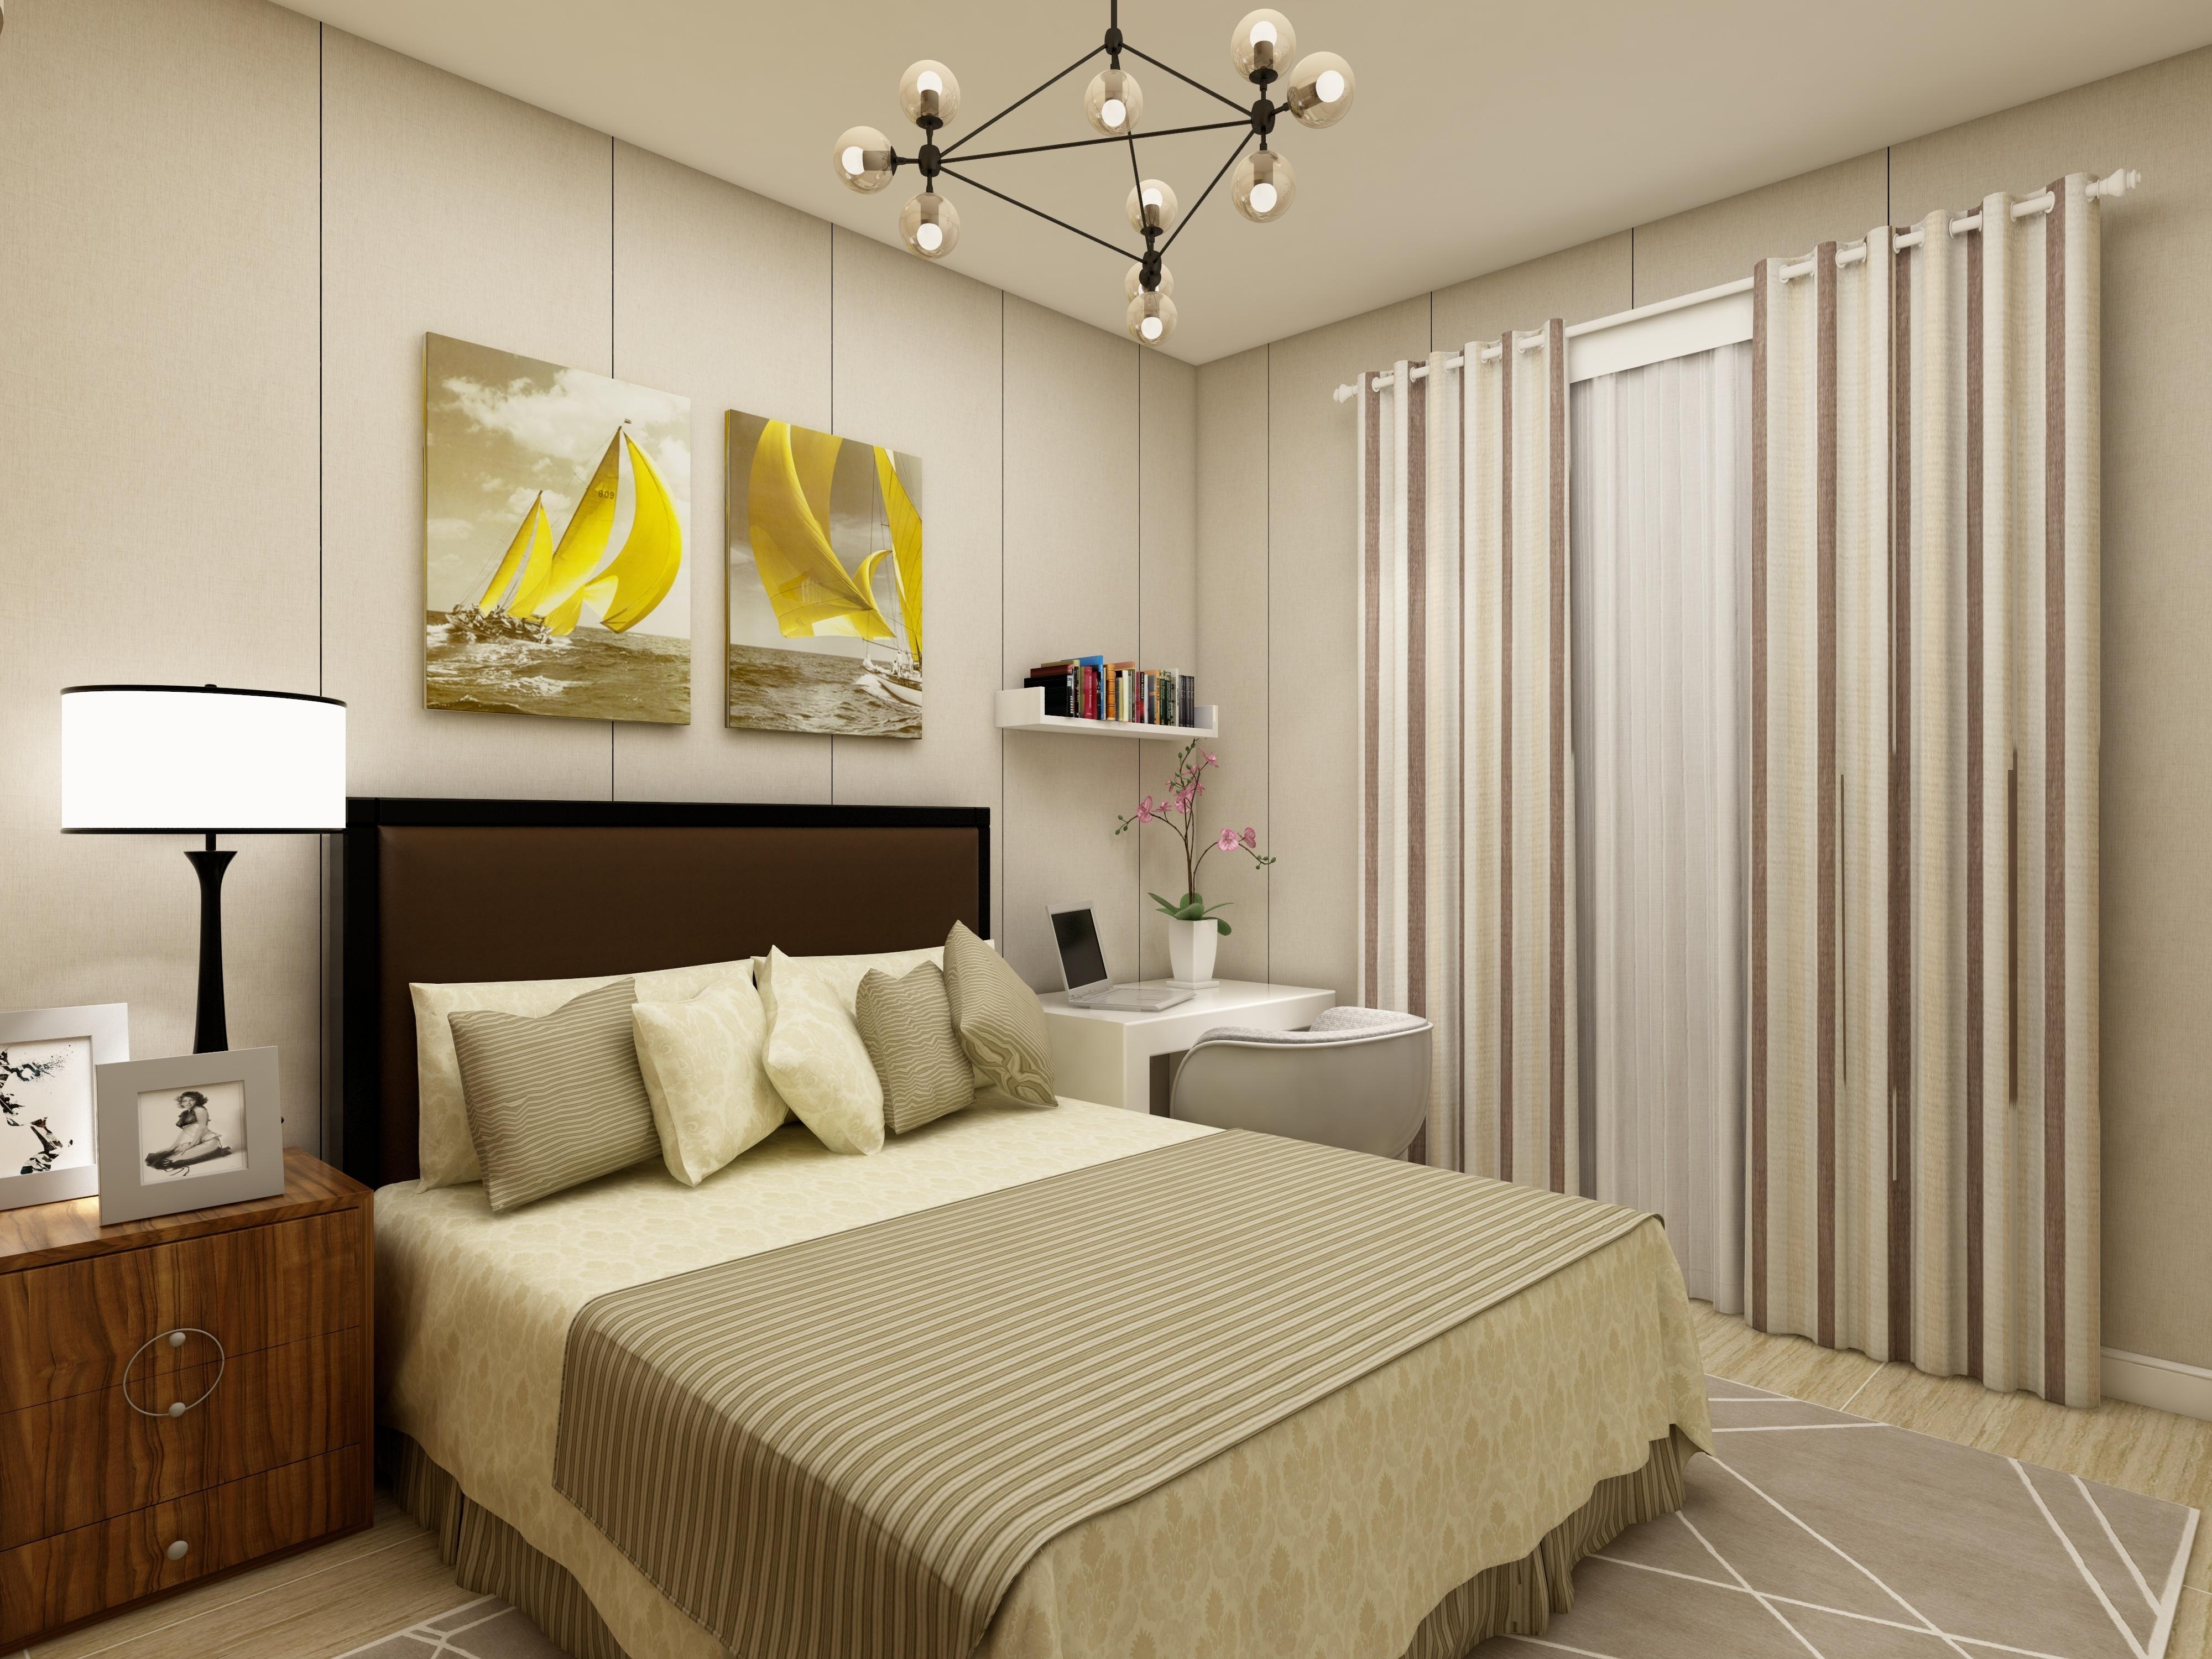 简约四房装修卧室背景墙图片